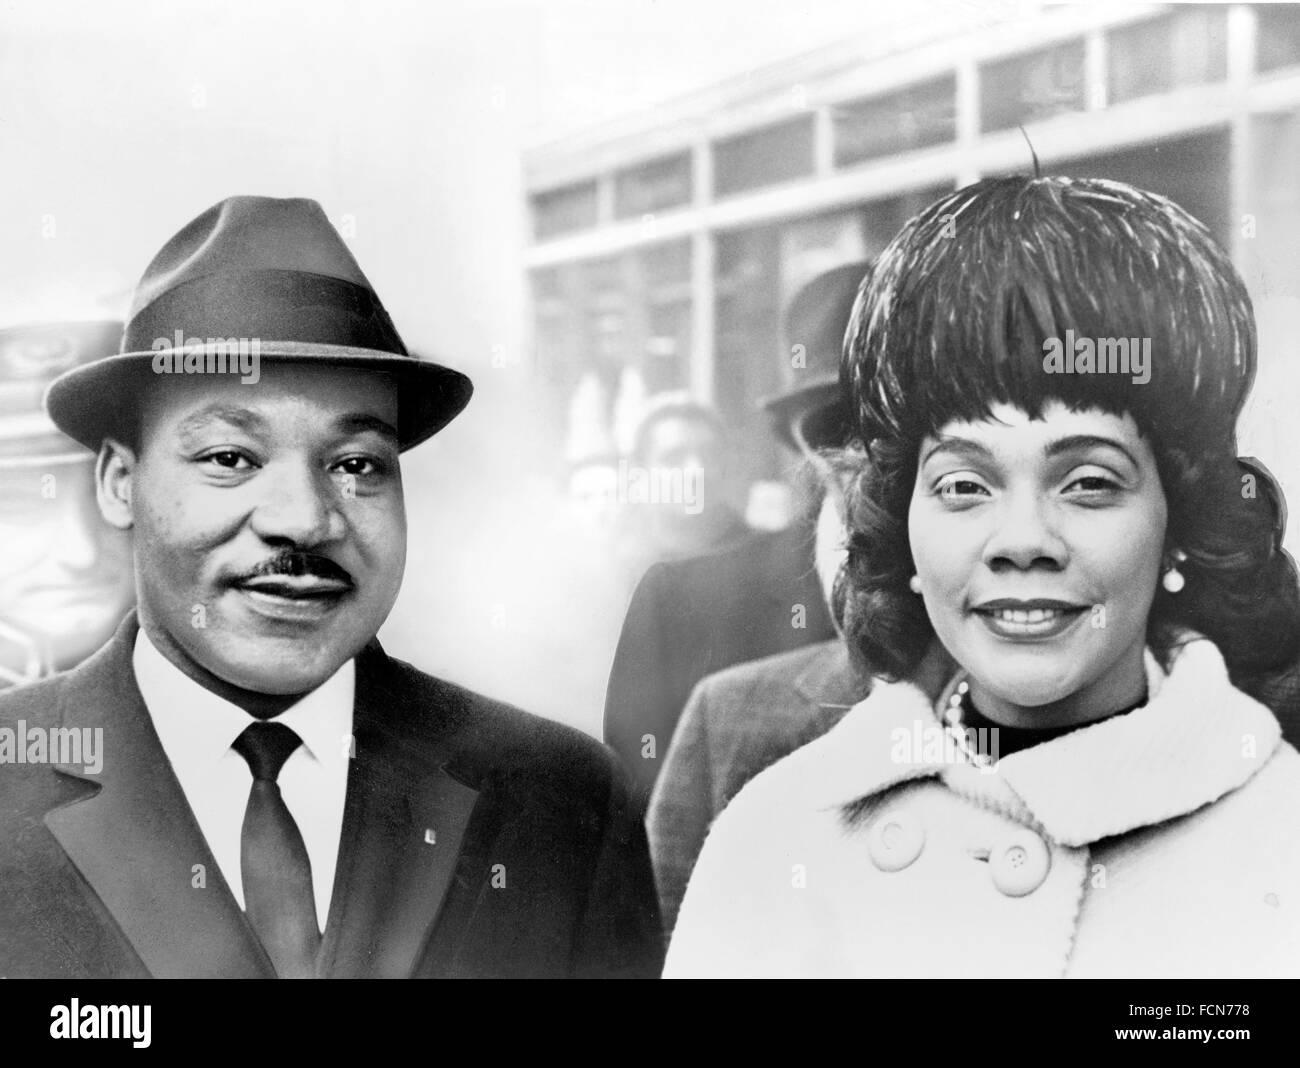 Dr Martin Luther King Jr avec son épouse, Coretta Scott King, 1964. Prises d'un tirage photographique qui a été fortement retouchées à la main. Banque D'Images